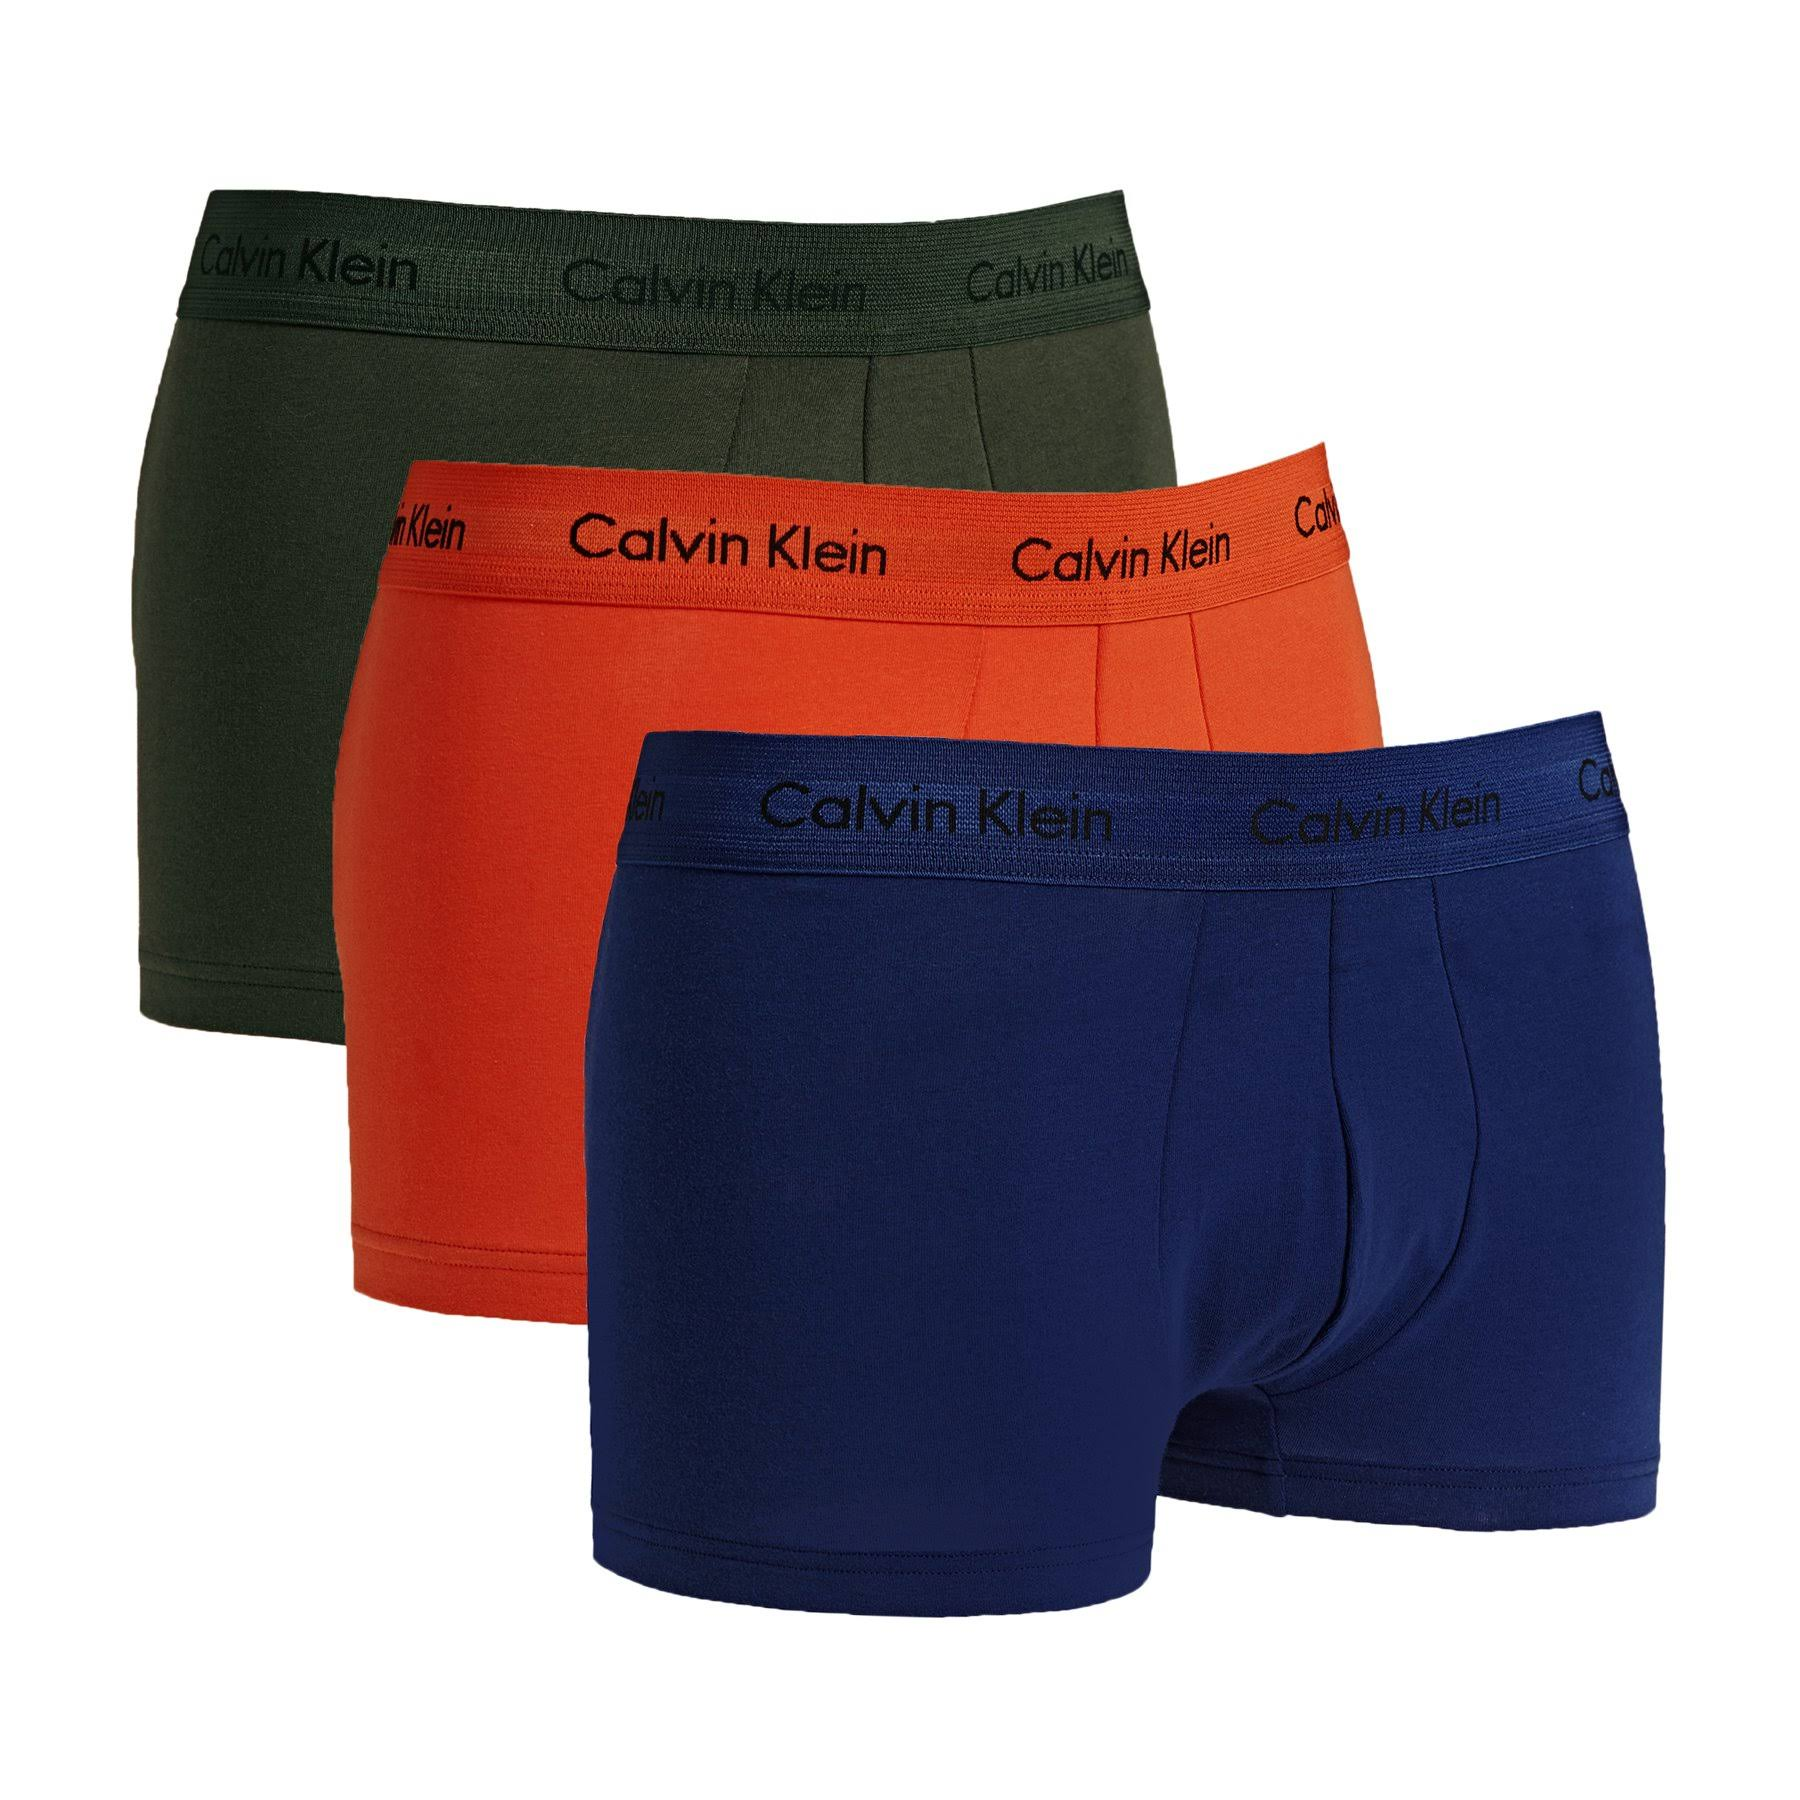 S Forestnight Night Klein 3p Calvin Lr Dark Darknight Forest Boxershorts Sorange Orange p1BnRxqw